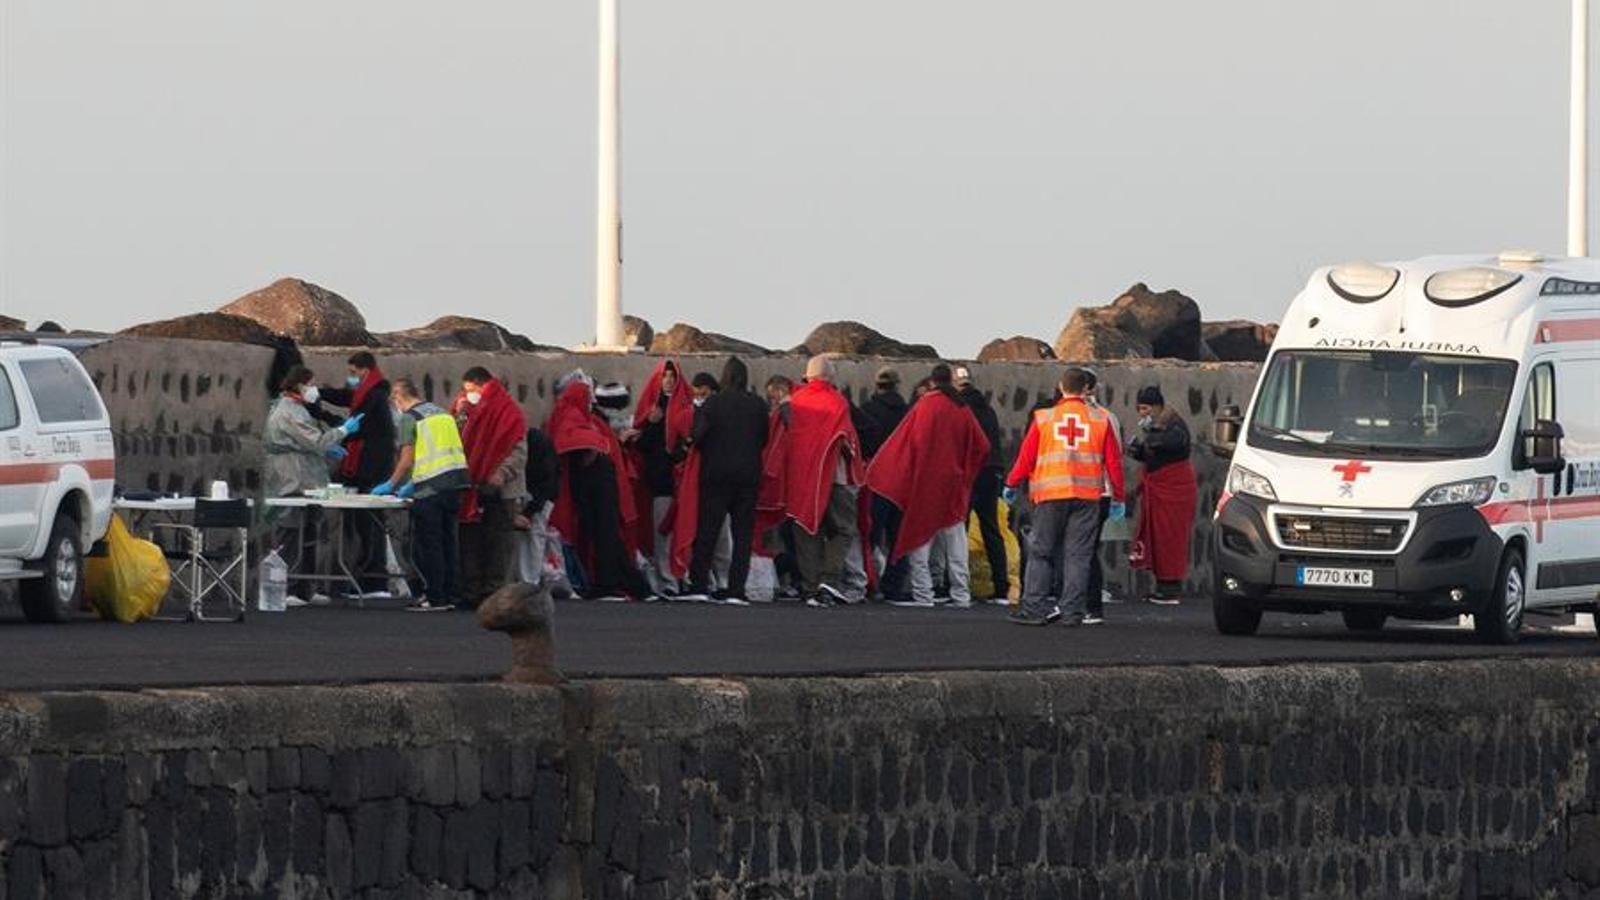 Les ONG denuncien la vulneració de drets dels migrants bloquejats a les Canàries